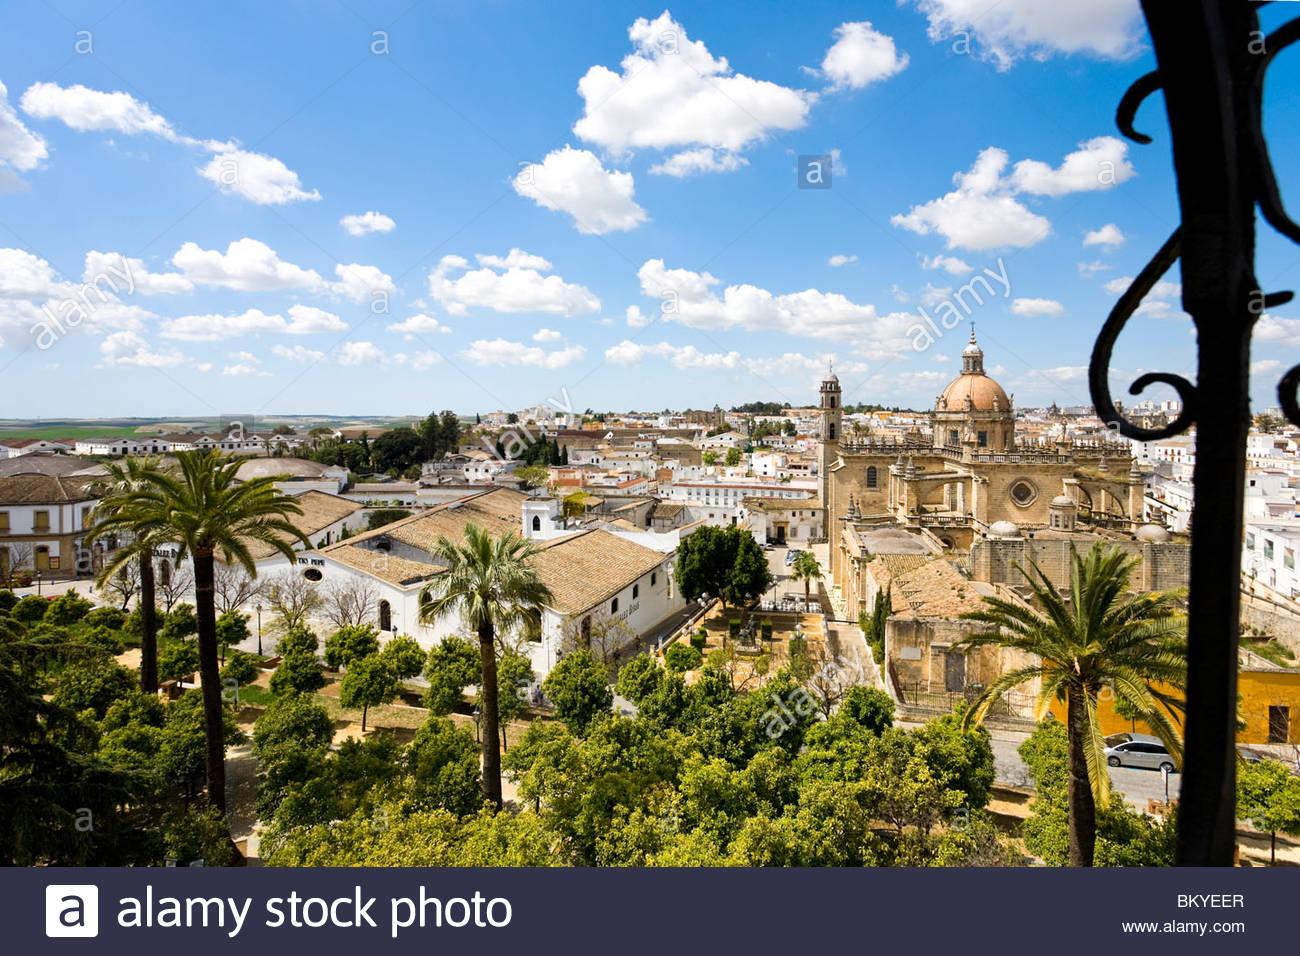 Blick vom Turm der Alcazaba in Jerez De La Frontera in Richtung der Kathedrale und der Altstadt, Andalusien, Provinz Stockbild